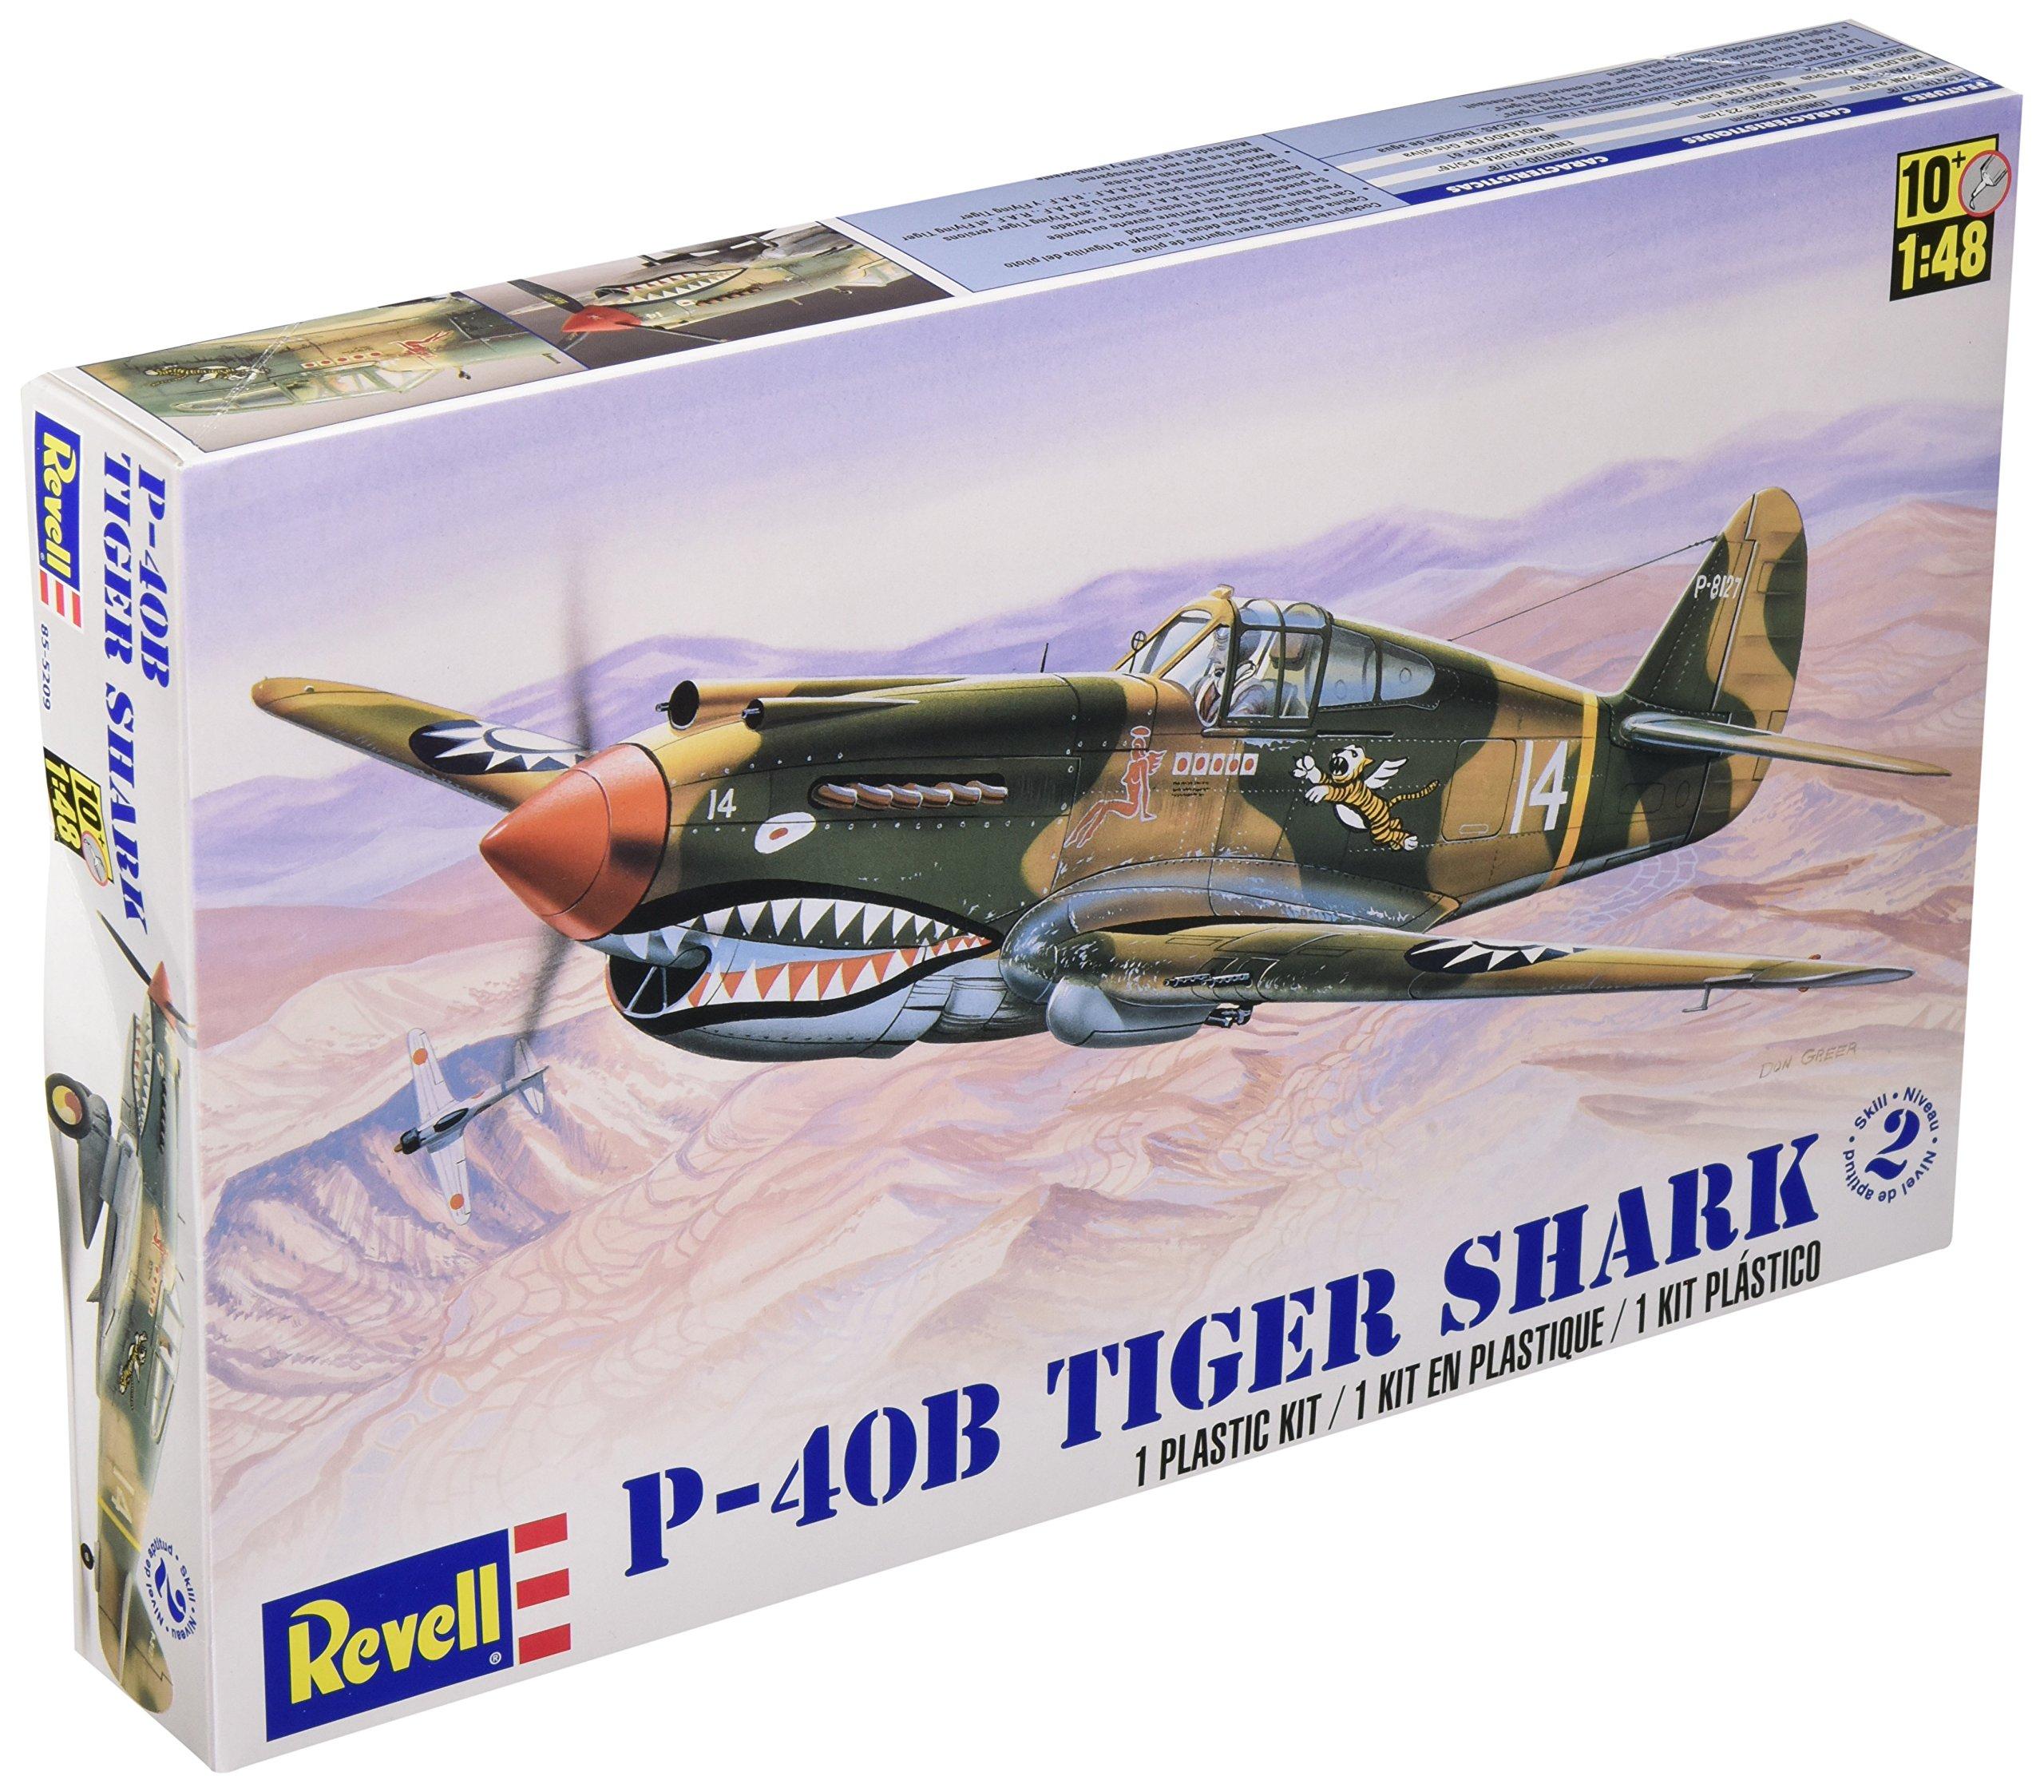 Revell 1:48 P - 40B Tiger Shark Plastic Model Kit by Revell